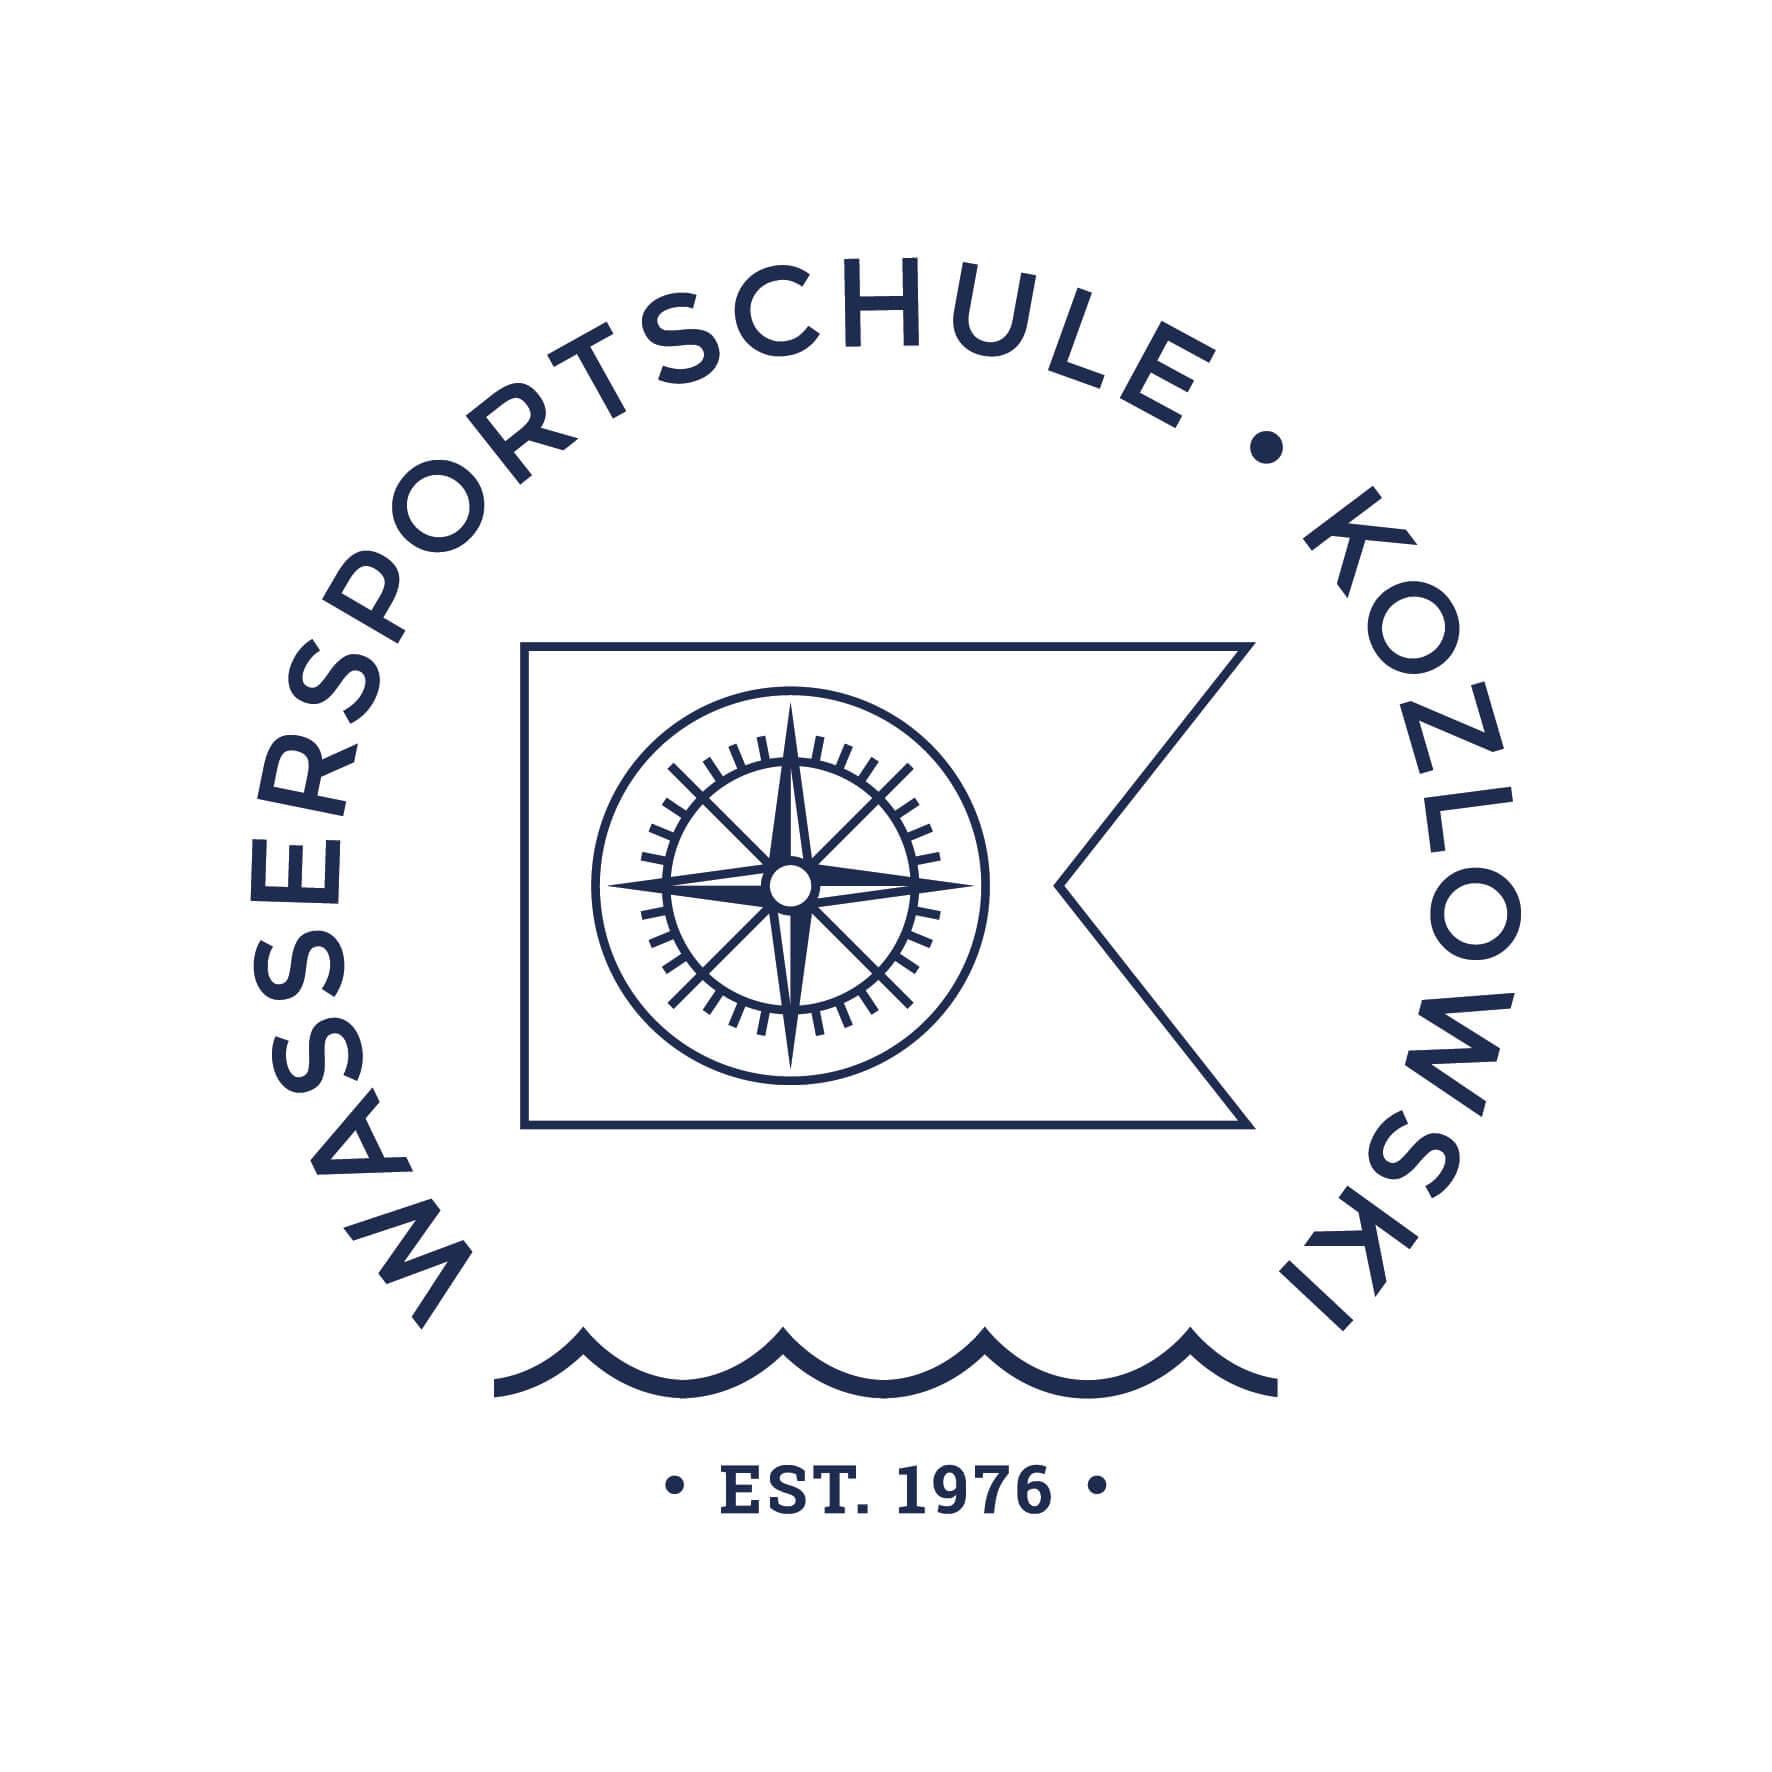 Wassersportschule Kozlowski  • EST. 1976 •